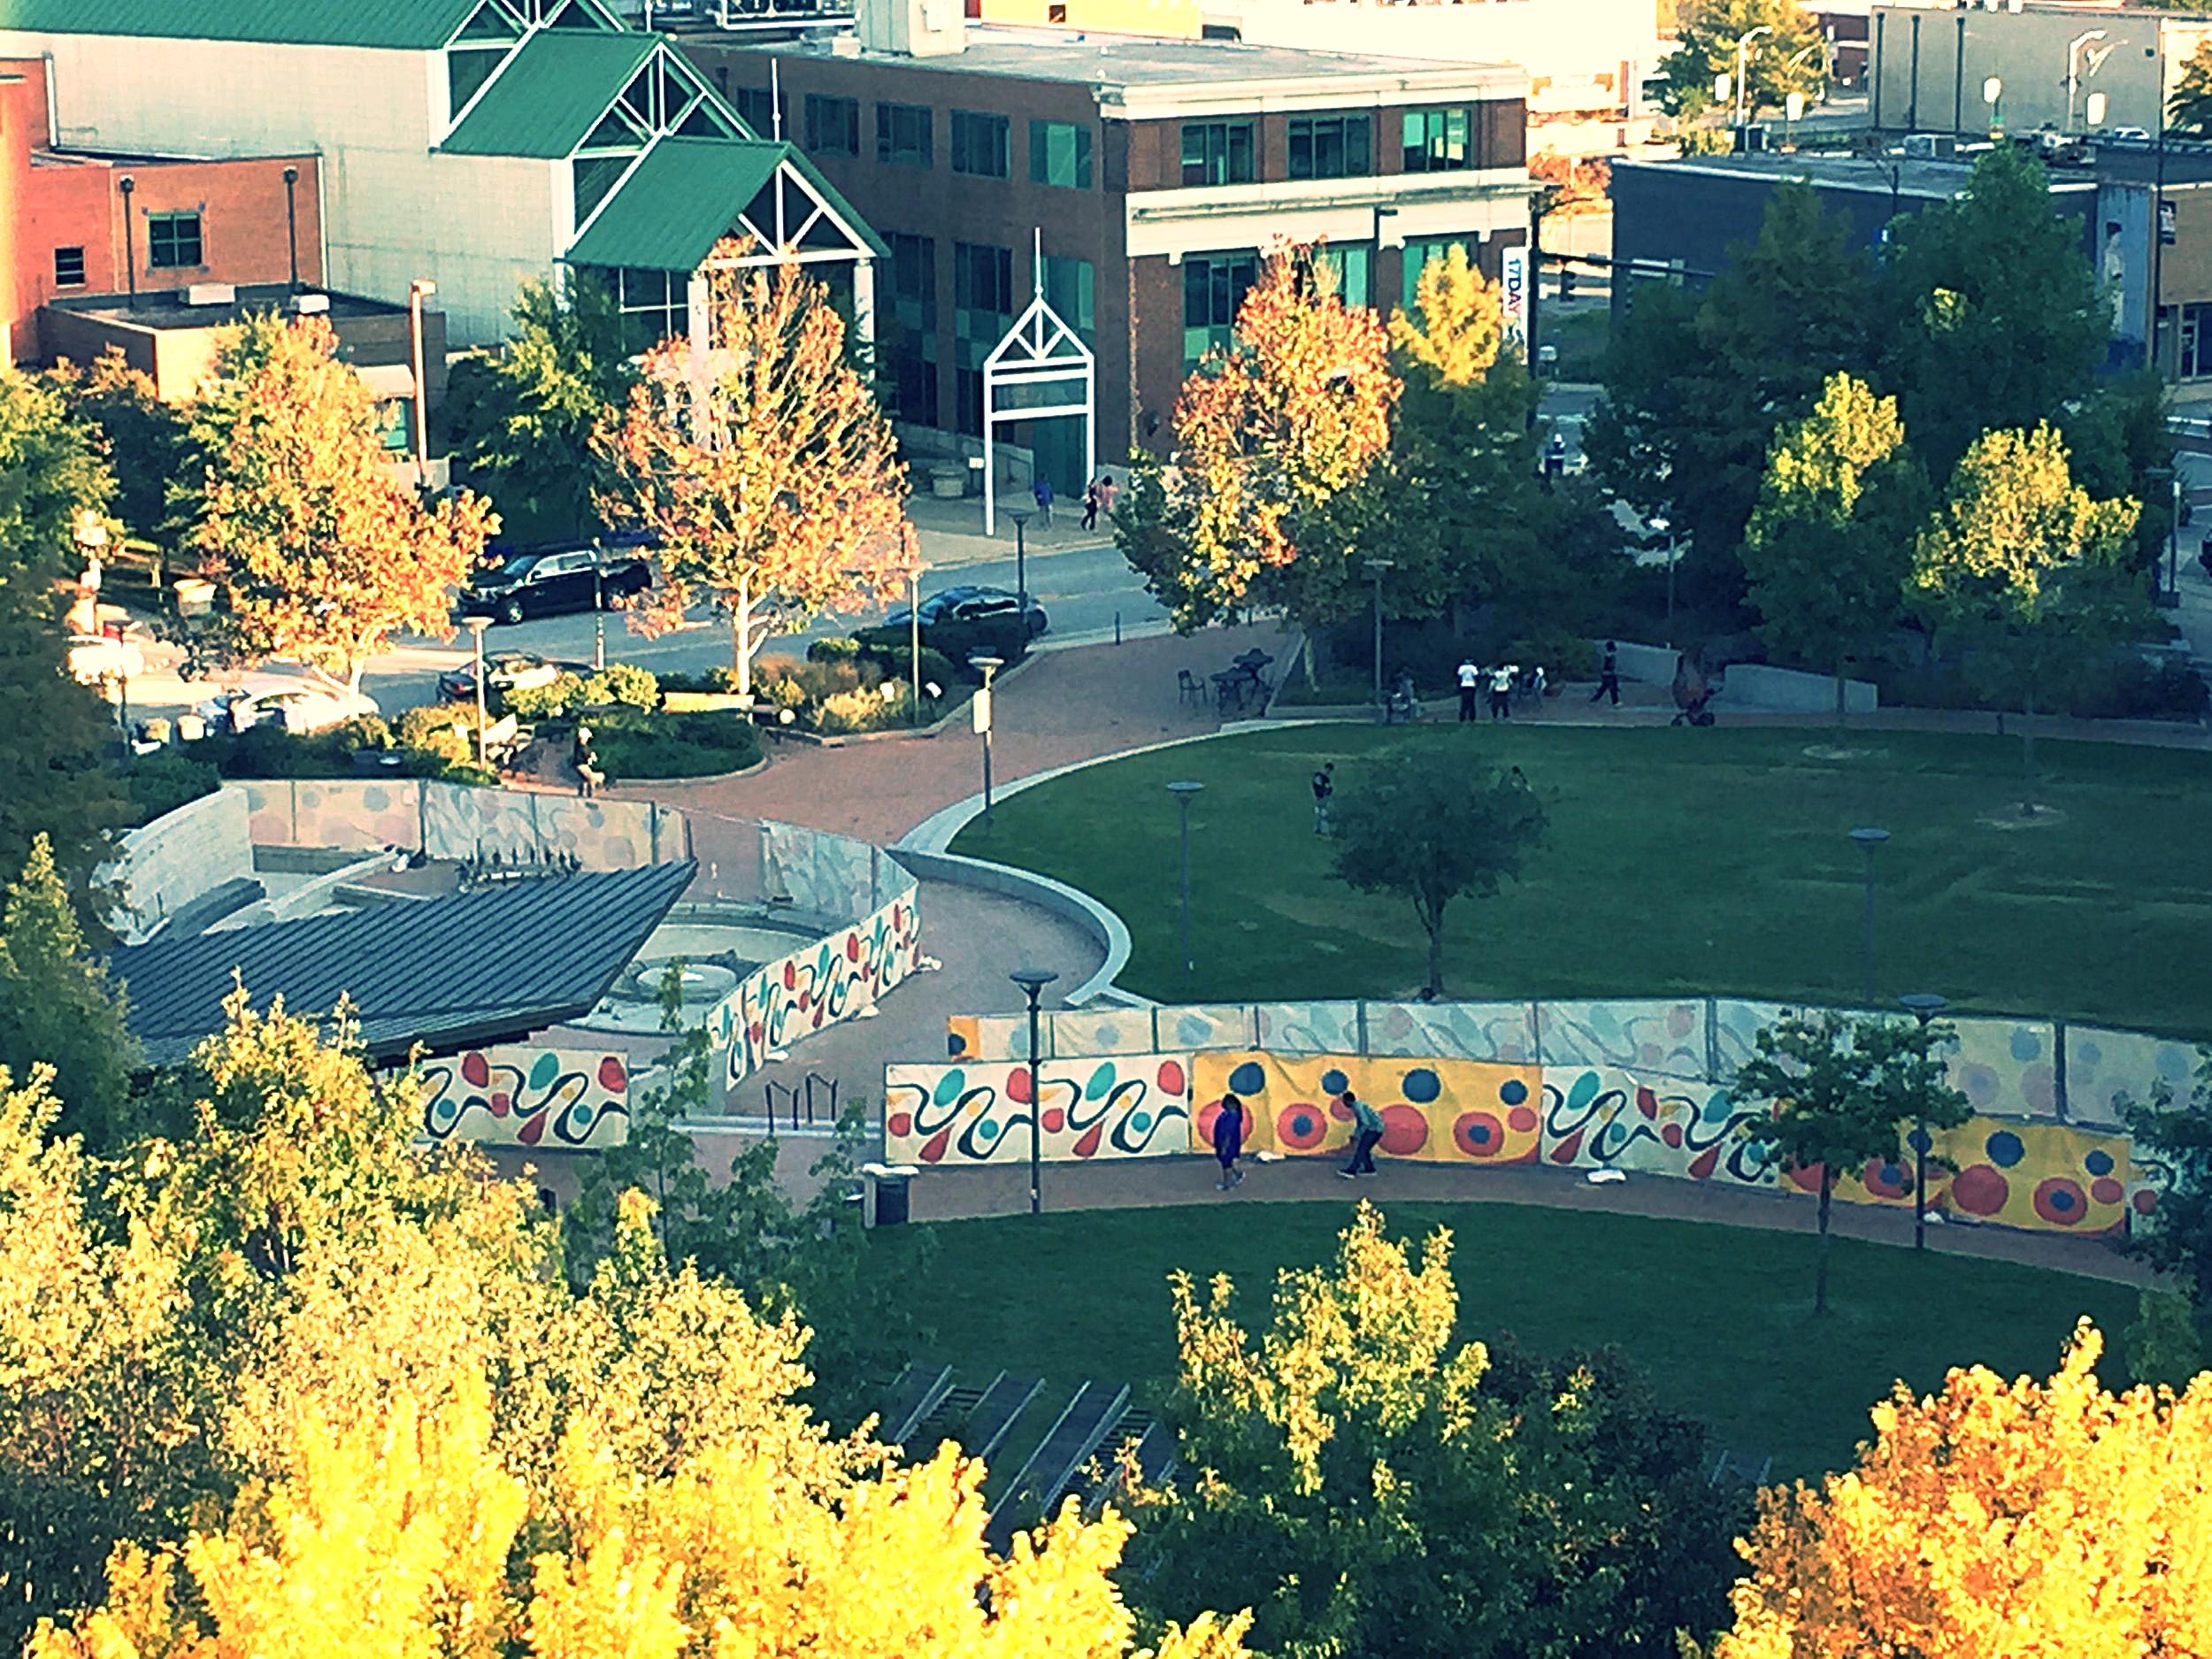 Center City Park taken from the Bellmeade parking deck